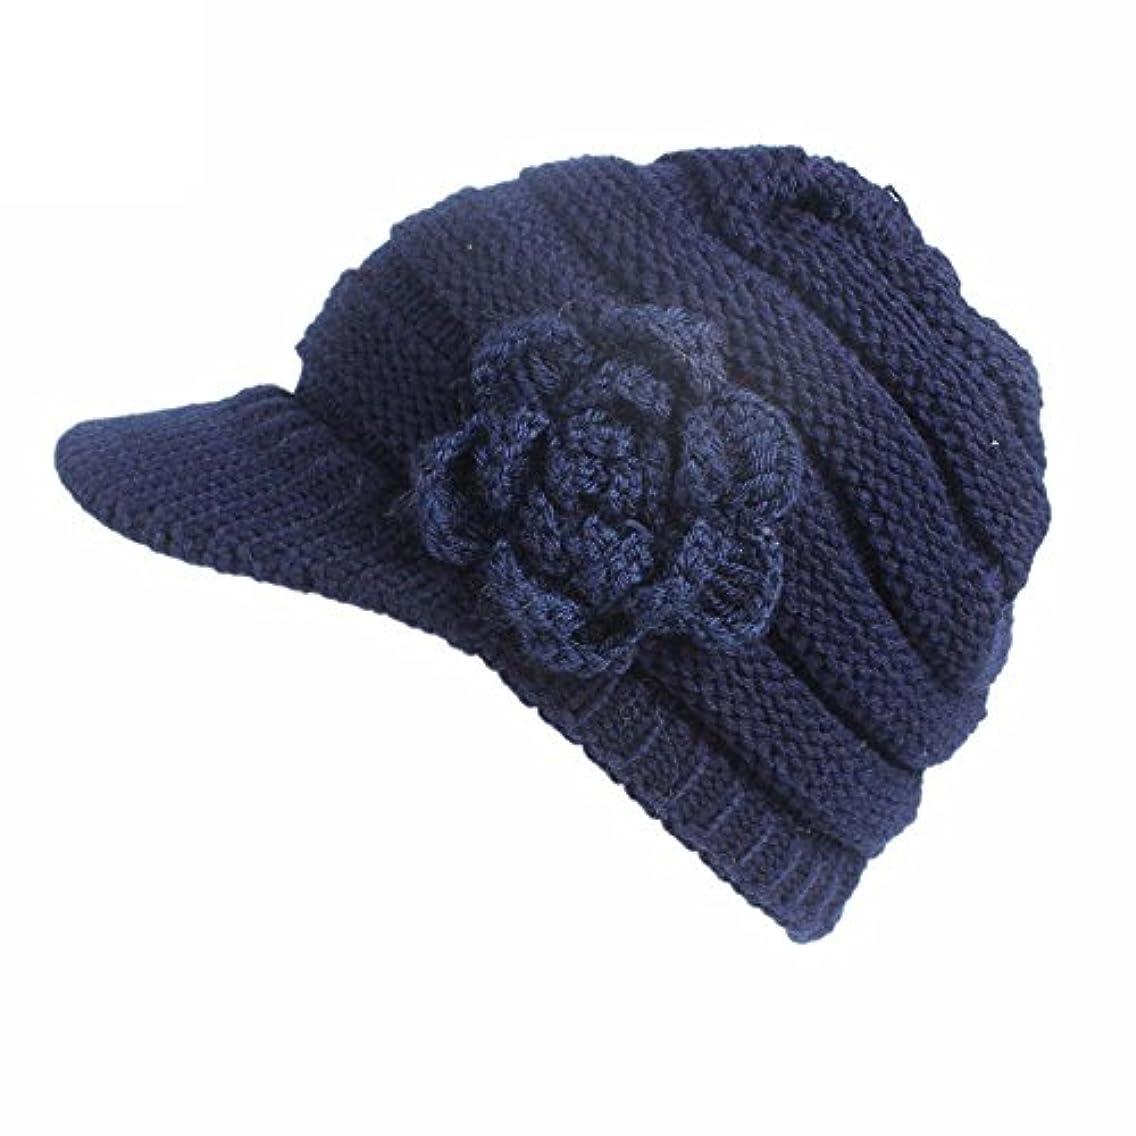 好色な広告したいRacazing 選べる5色 編み物 花 鸭舌帽 ニット帽 防寒対策 通気性のある 防風 暖かい 軽量 屋外 スキー 自転車 クリスマス Hat 女性用 (ネービー)